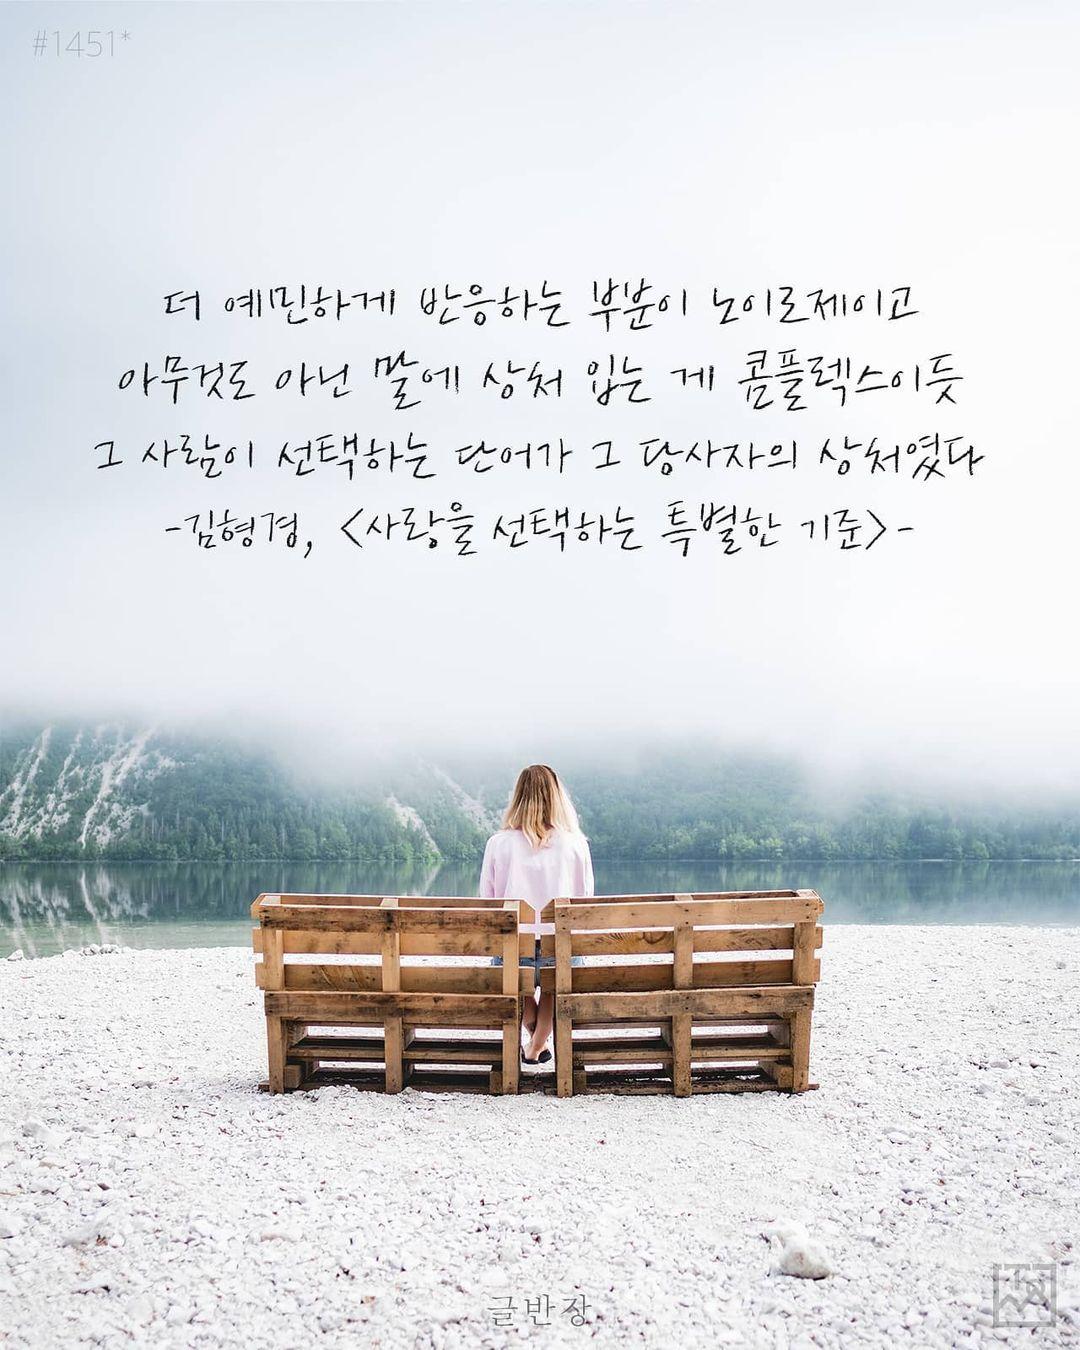 그 사람이 선택하는 단어가 그 당사자의 상처였다 - 김형경, <사랑을 선택하는 특별한 기준>